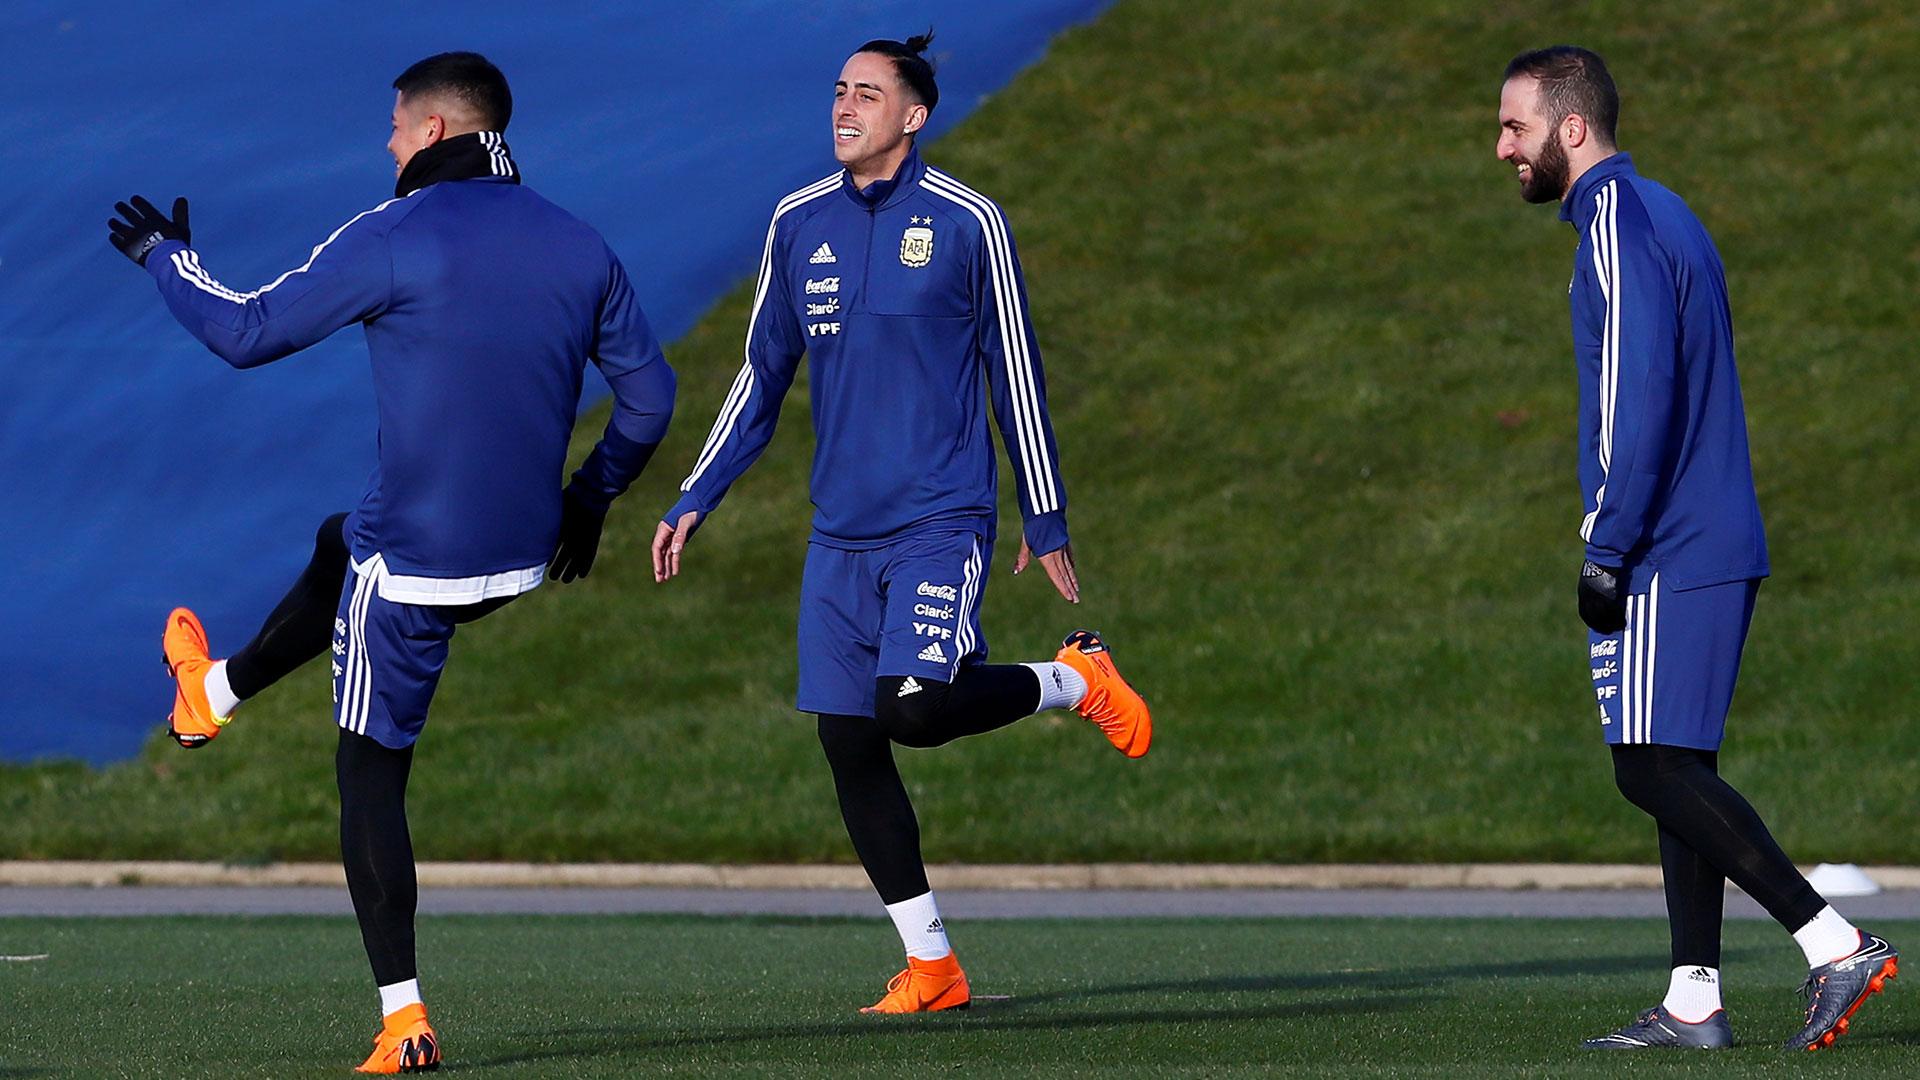 Rogelio Funes Mori, Marcos Rojo e Higuaín son tres de los históricos que volvieron a recibir el llamado a la Selección